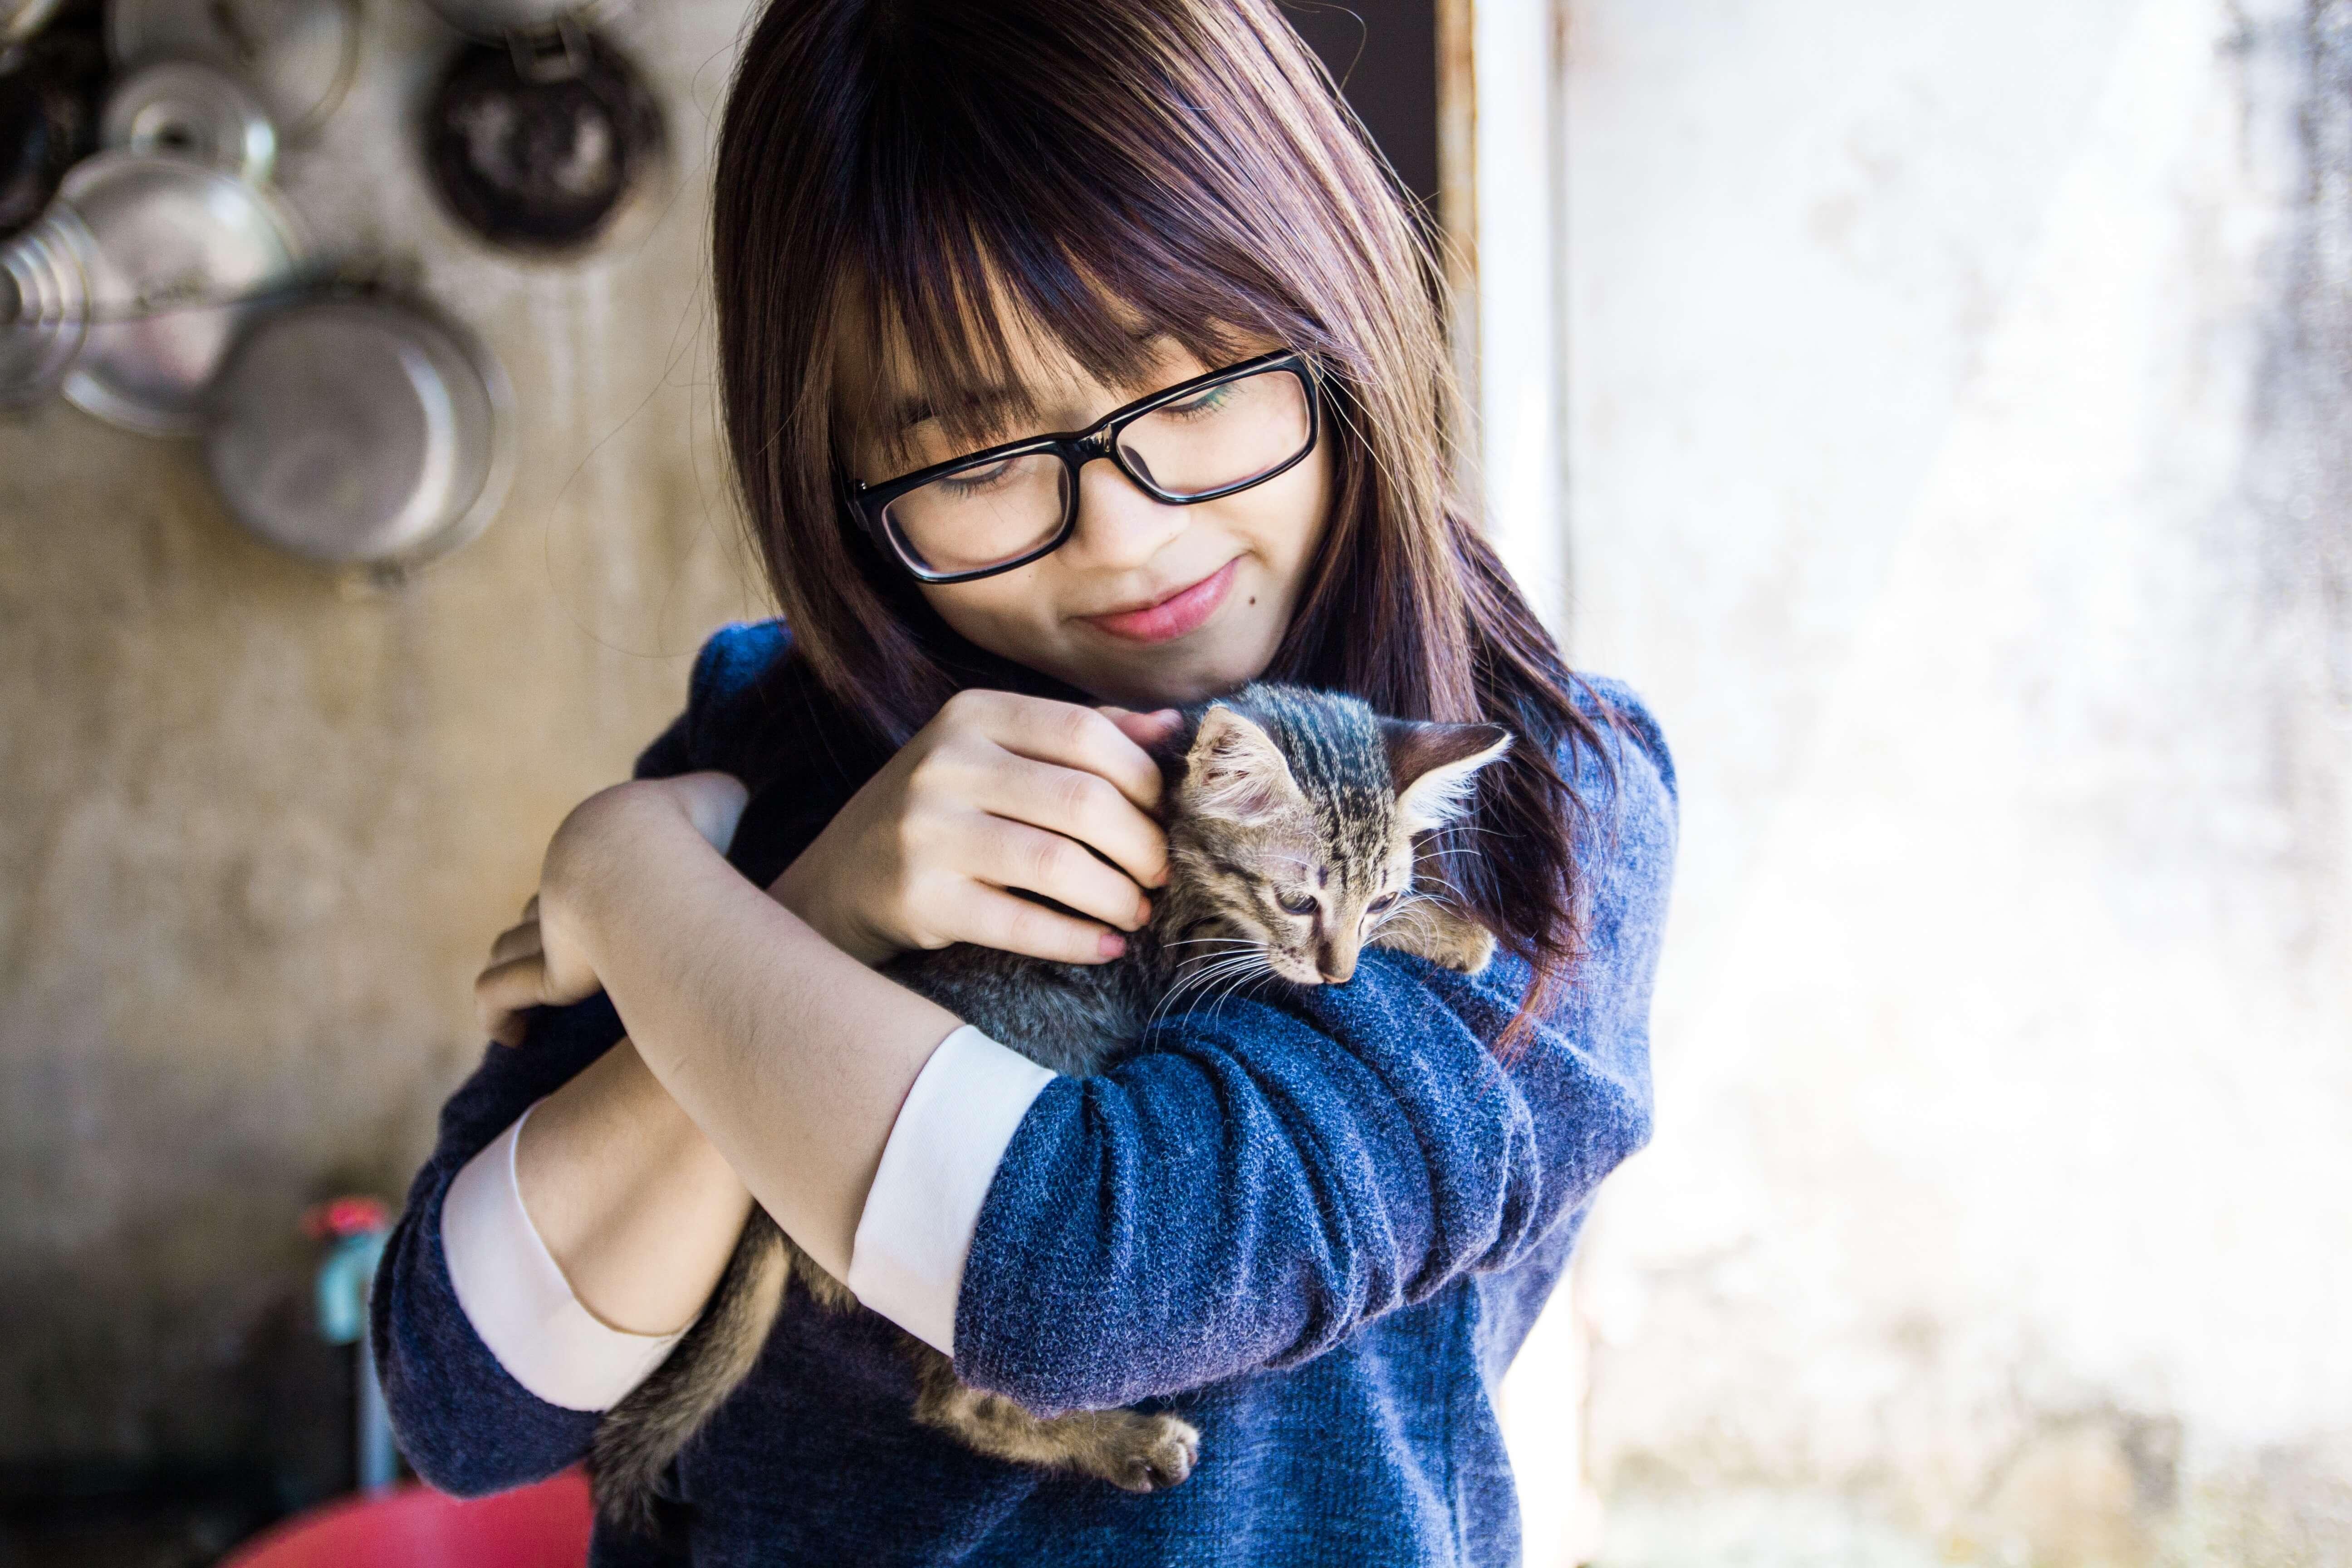 【犬系女子vs.猫系女子】男性が好きなのはどっち?猫系女子の特徴10個